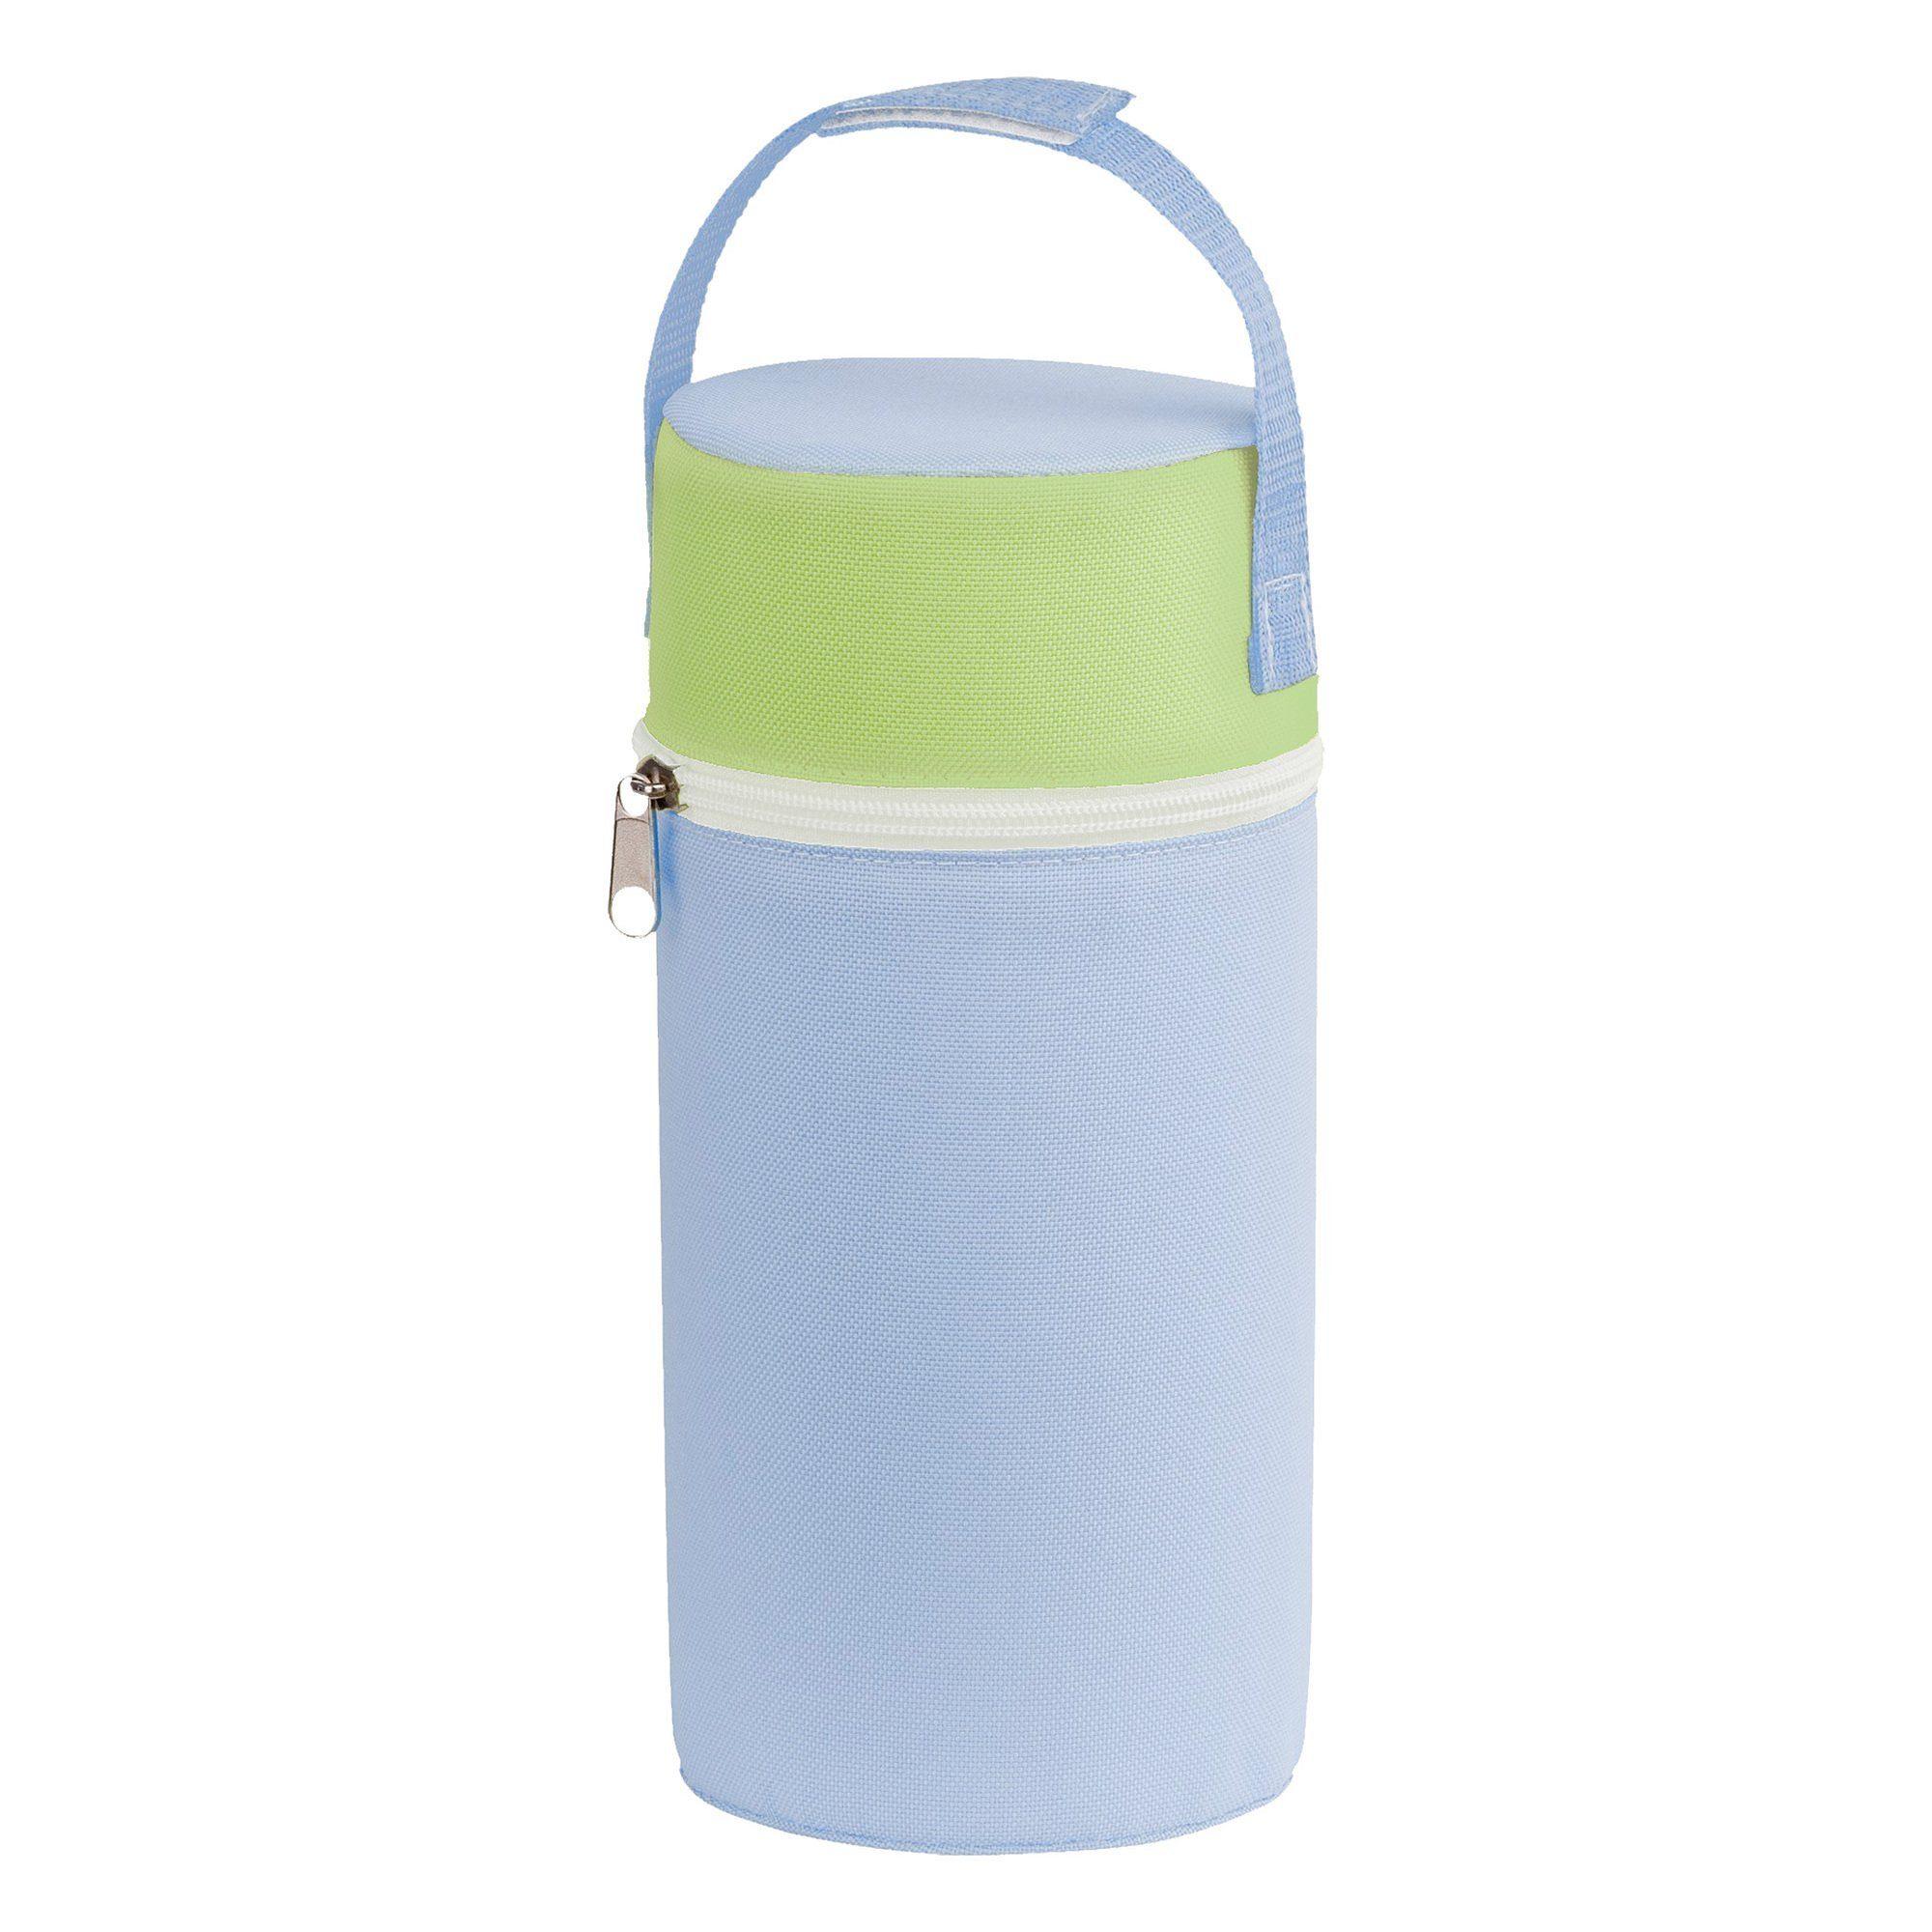 ROTHO BABYDESIGN Warmhaltebox für Weithalsflaschen